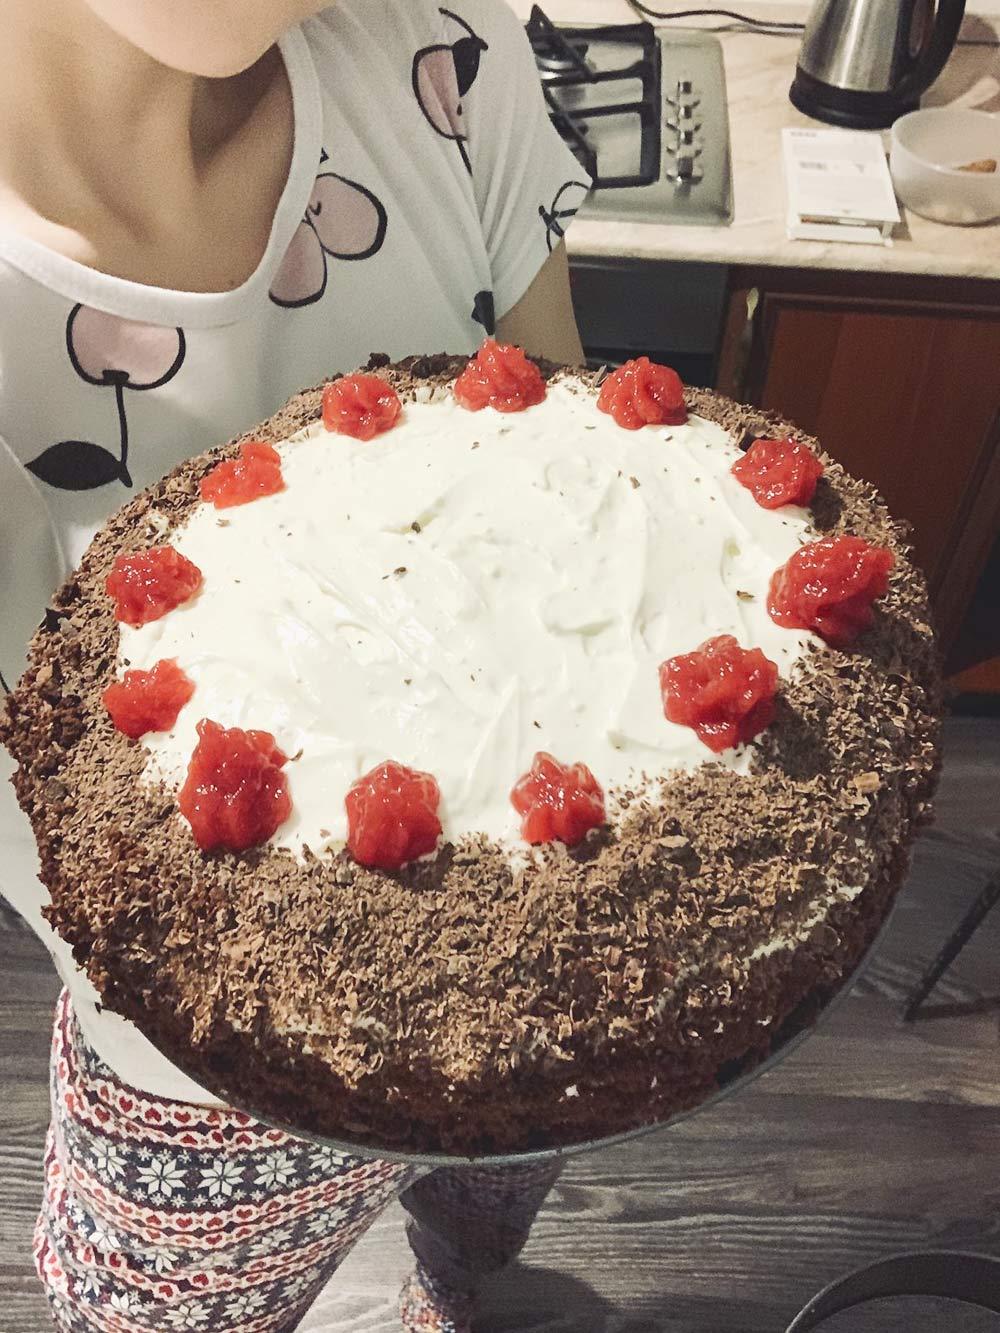 Один из тортов, которые я испекла. У него двойная начинка: малиновое желе и крем из маскарпоне, сметаны и сгущенного молока. Я выкладывала ее слоями с помощью кулинарных мешочков